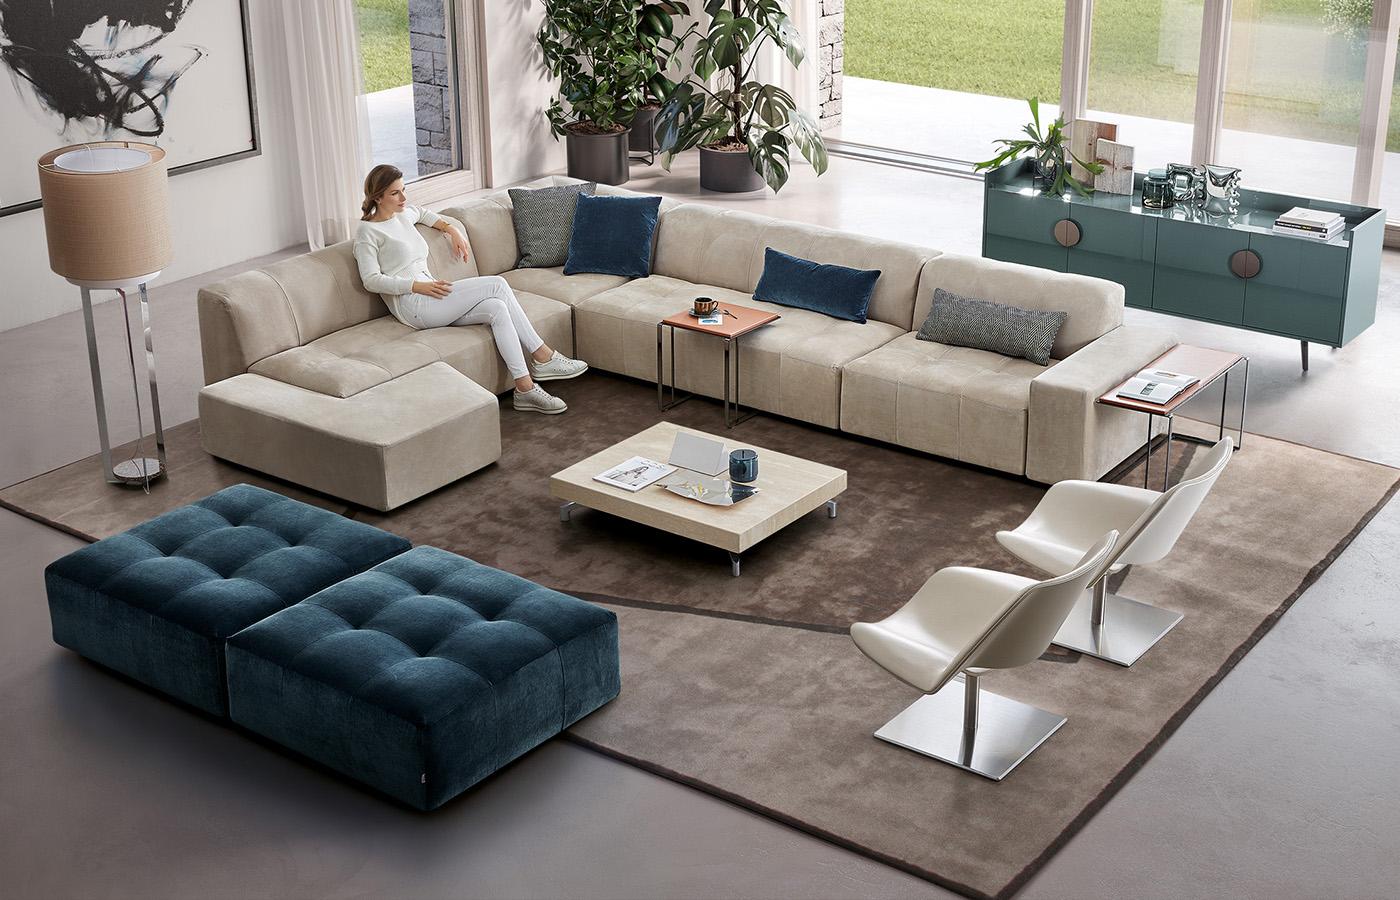 Divano componibile modulor dema - Divano diesis divani e divani ...